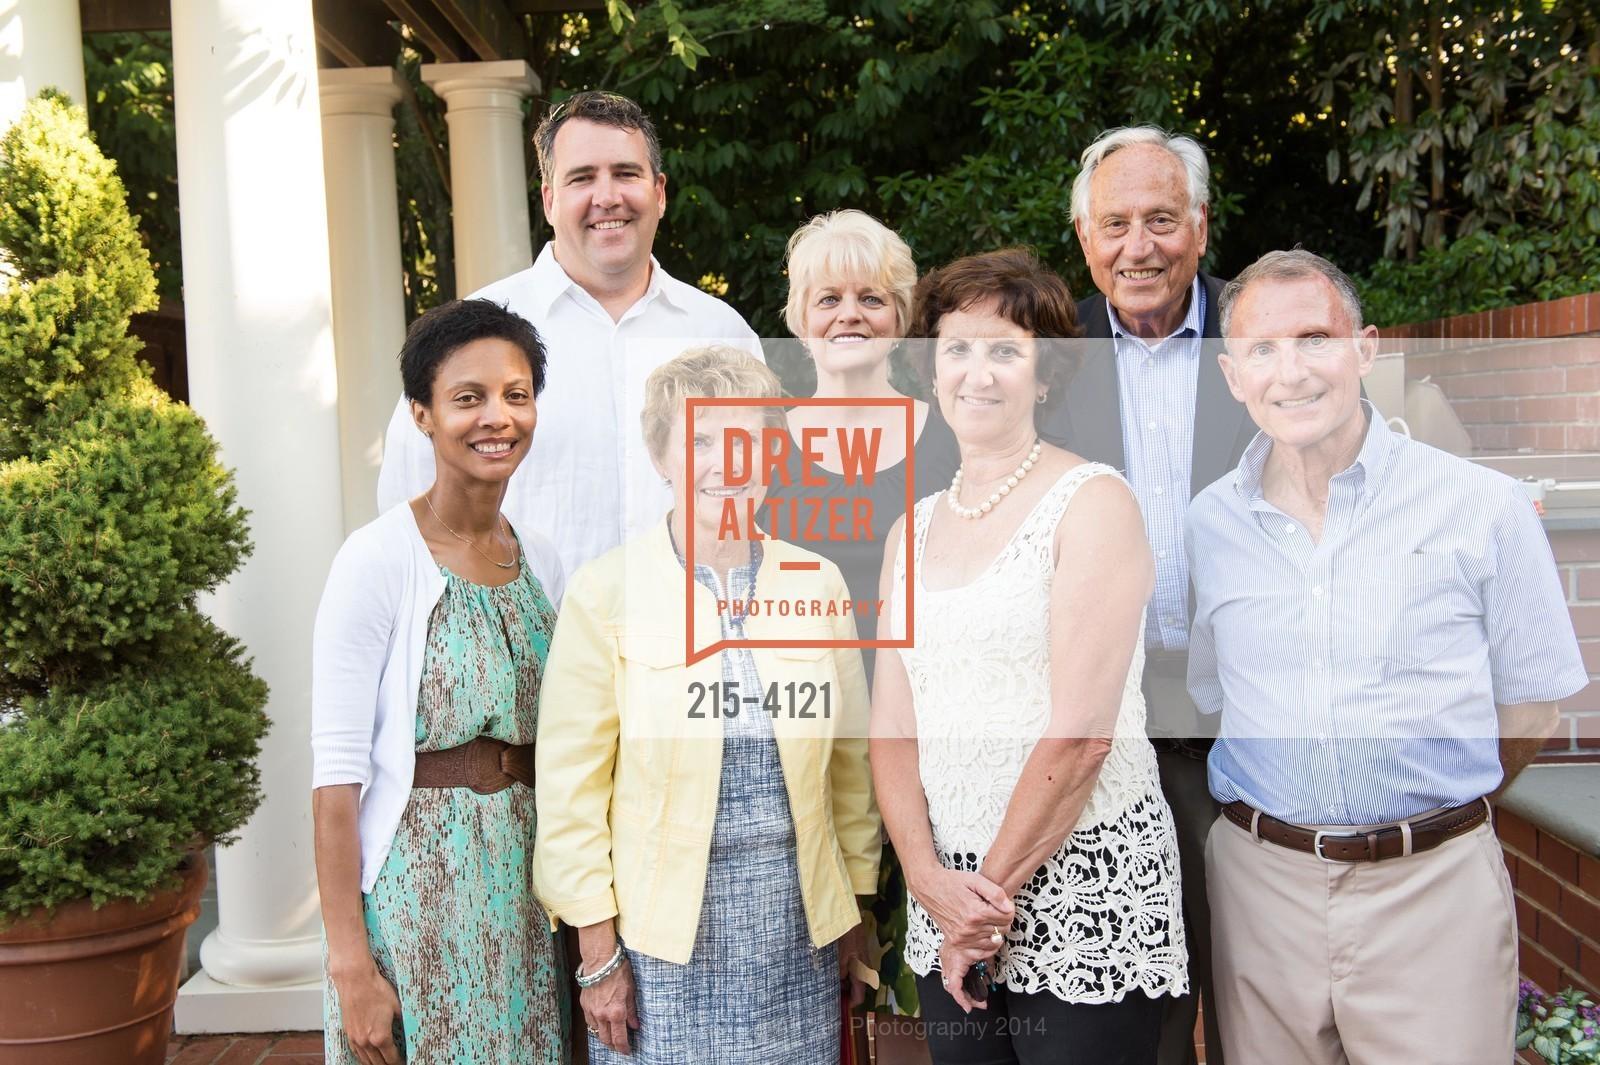 Nika Crawford, Craig Crawford, Anne Steiner, Pat Miljanich, Gayle Almeida-Hage, Martin Harband, Photo #215-4121